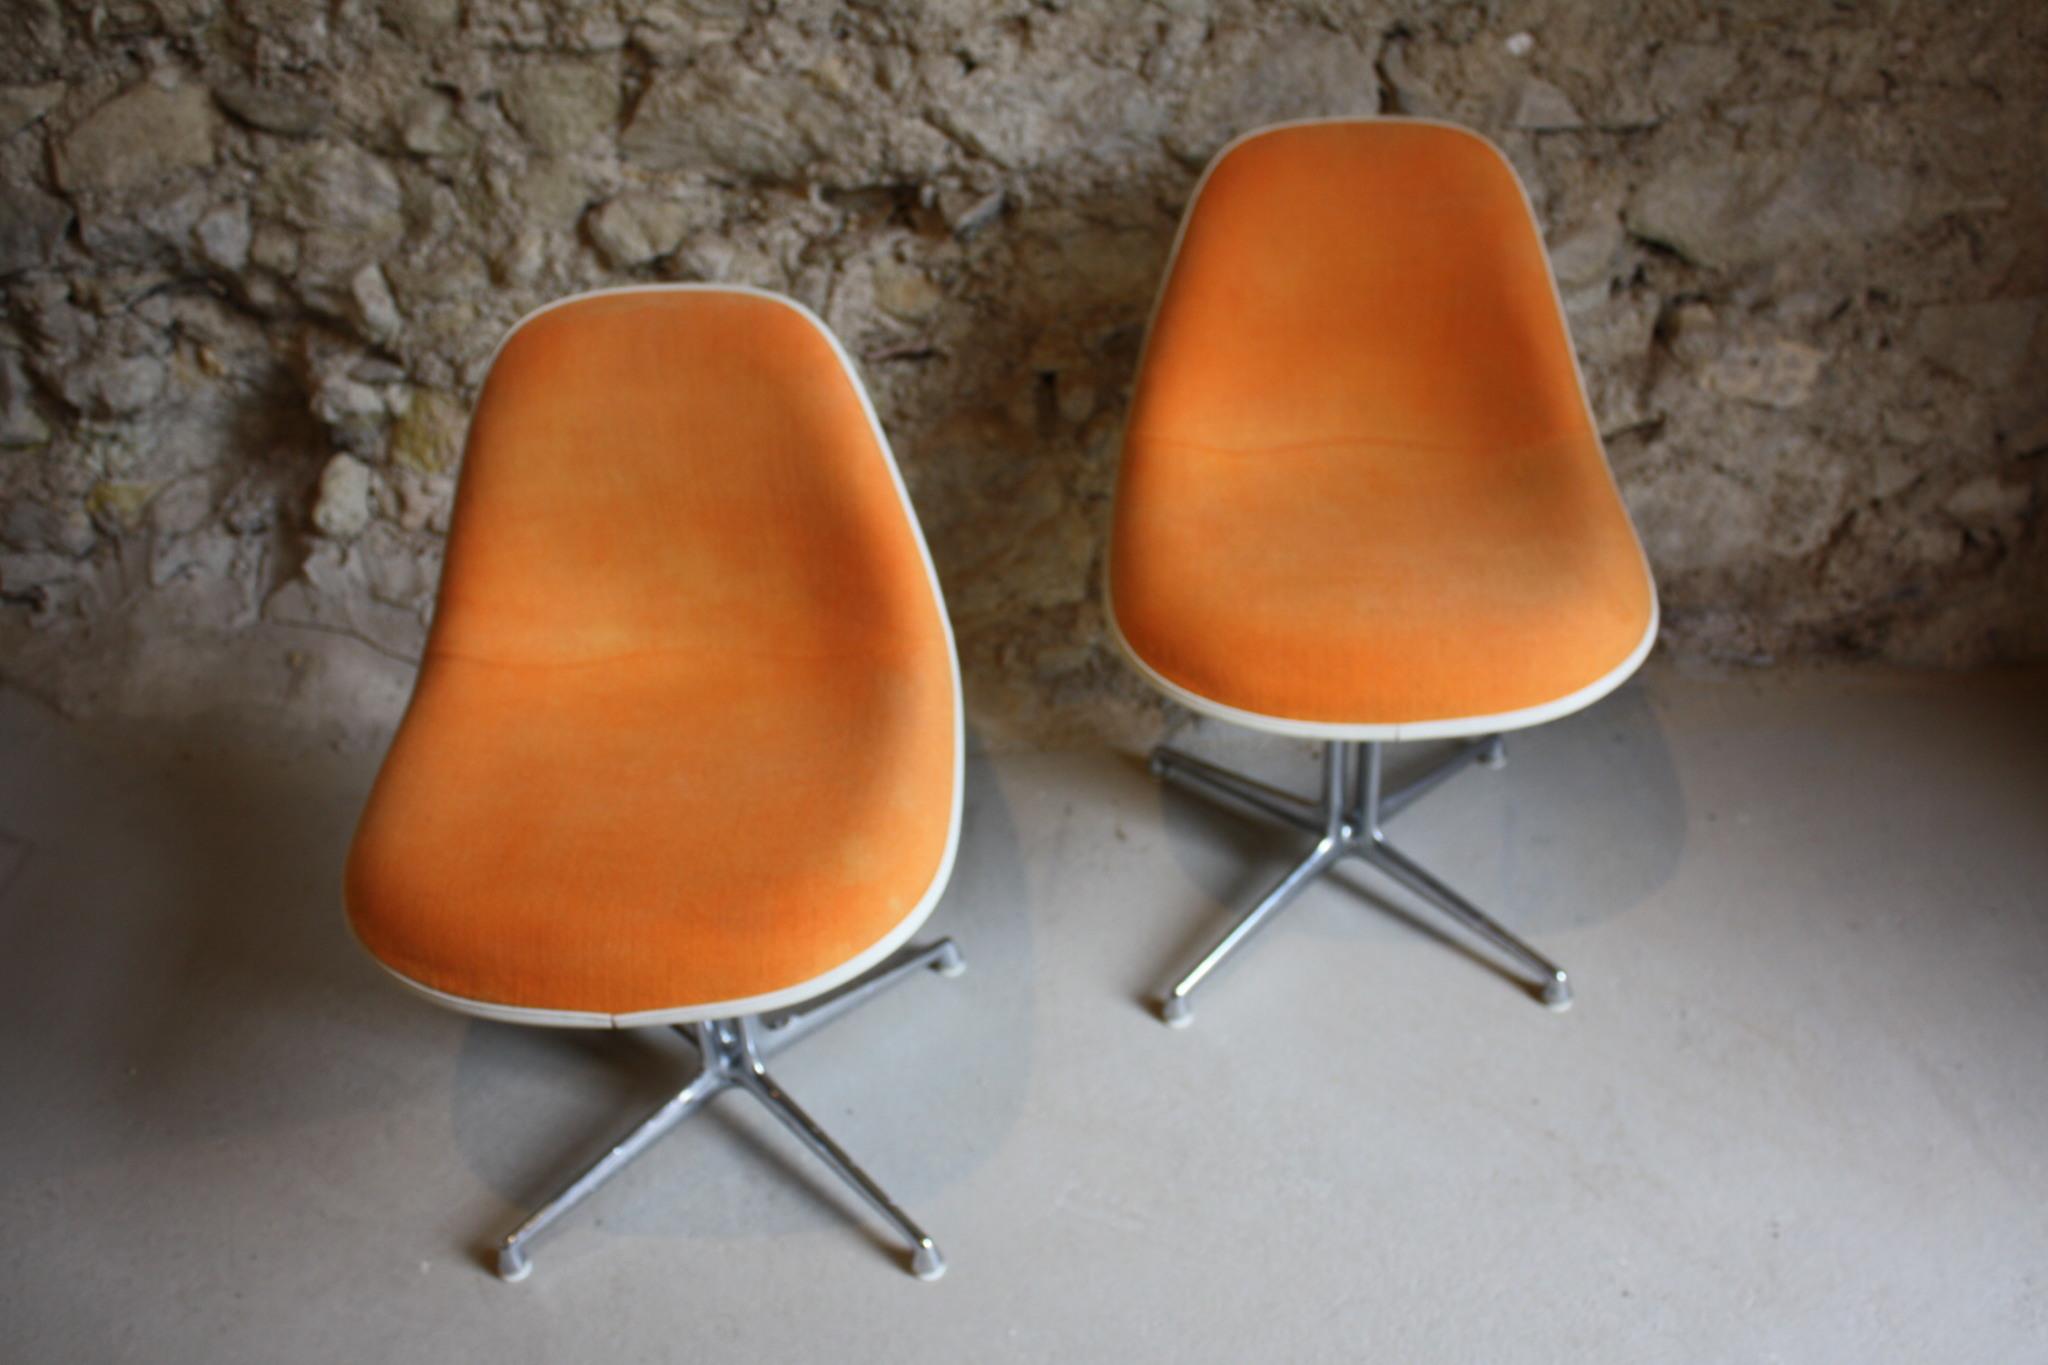 charles eames stuhl eames dsw stuhl in wei 128 00 eames. Black Bedroom Furniture Sets. Home Design Ideas